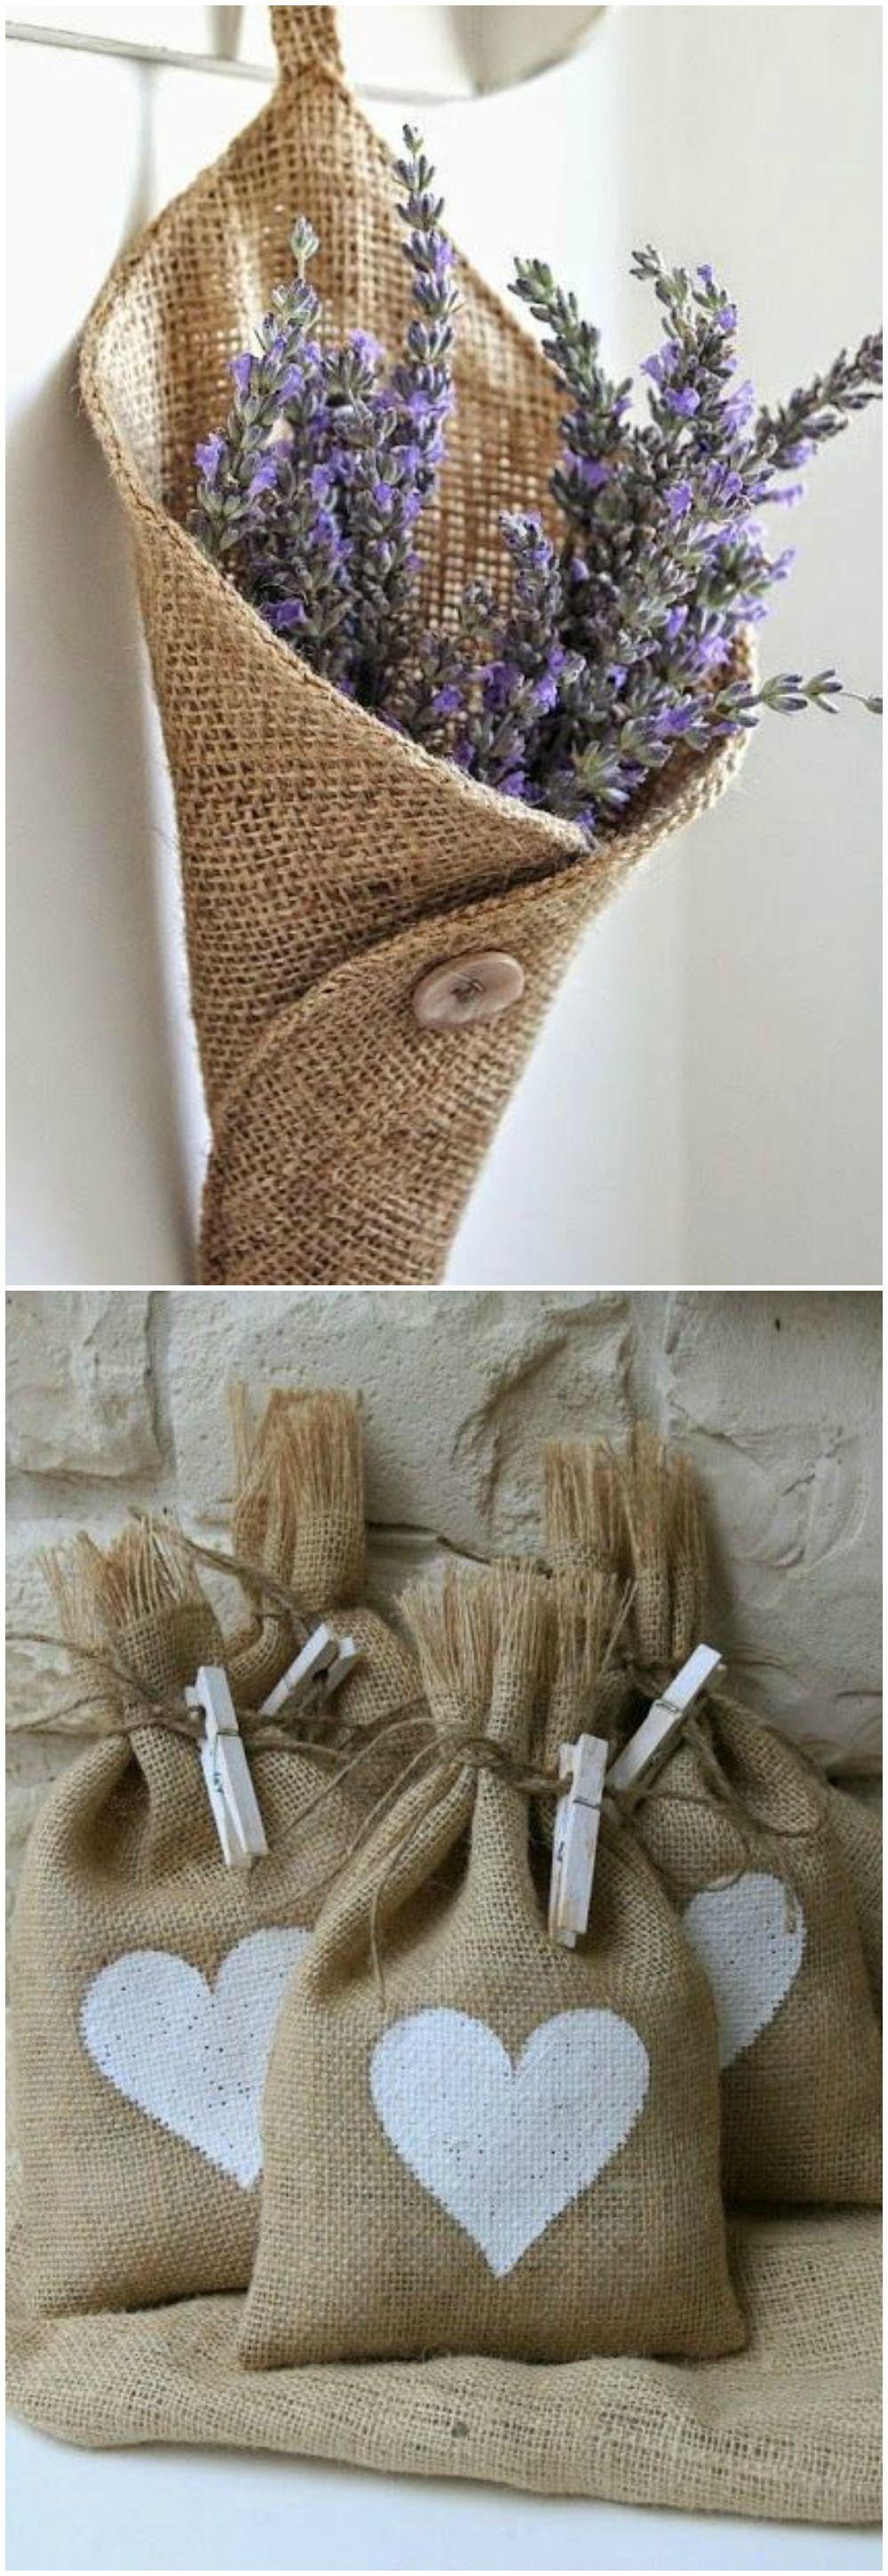 Diy con tela de saco sacos tela y arpillera - Saco de arpillera ...